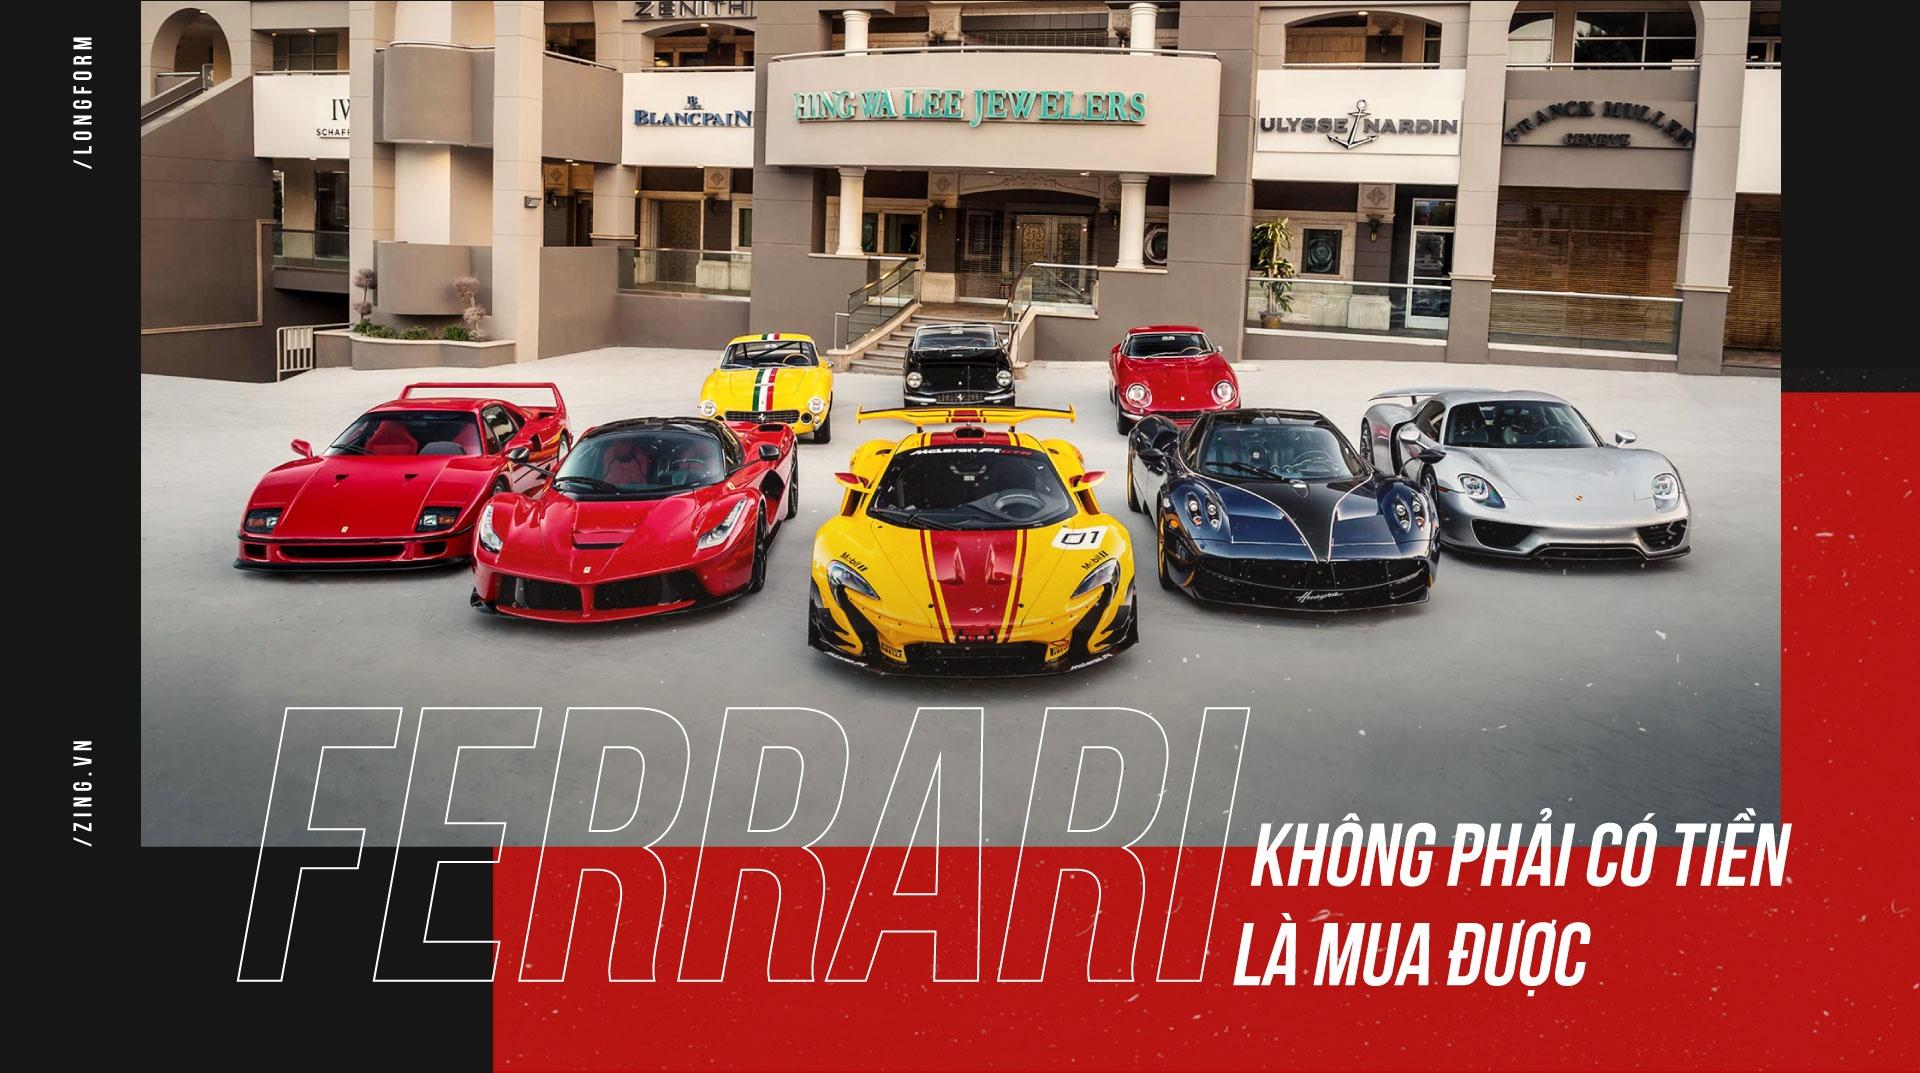 Ferrari - khong phai co tien la mua duoc anh 2